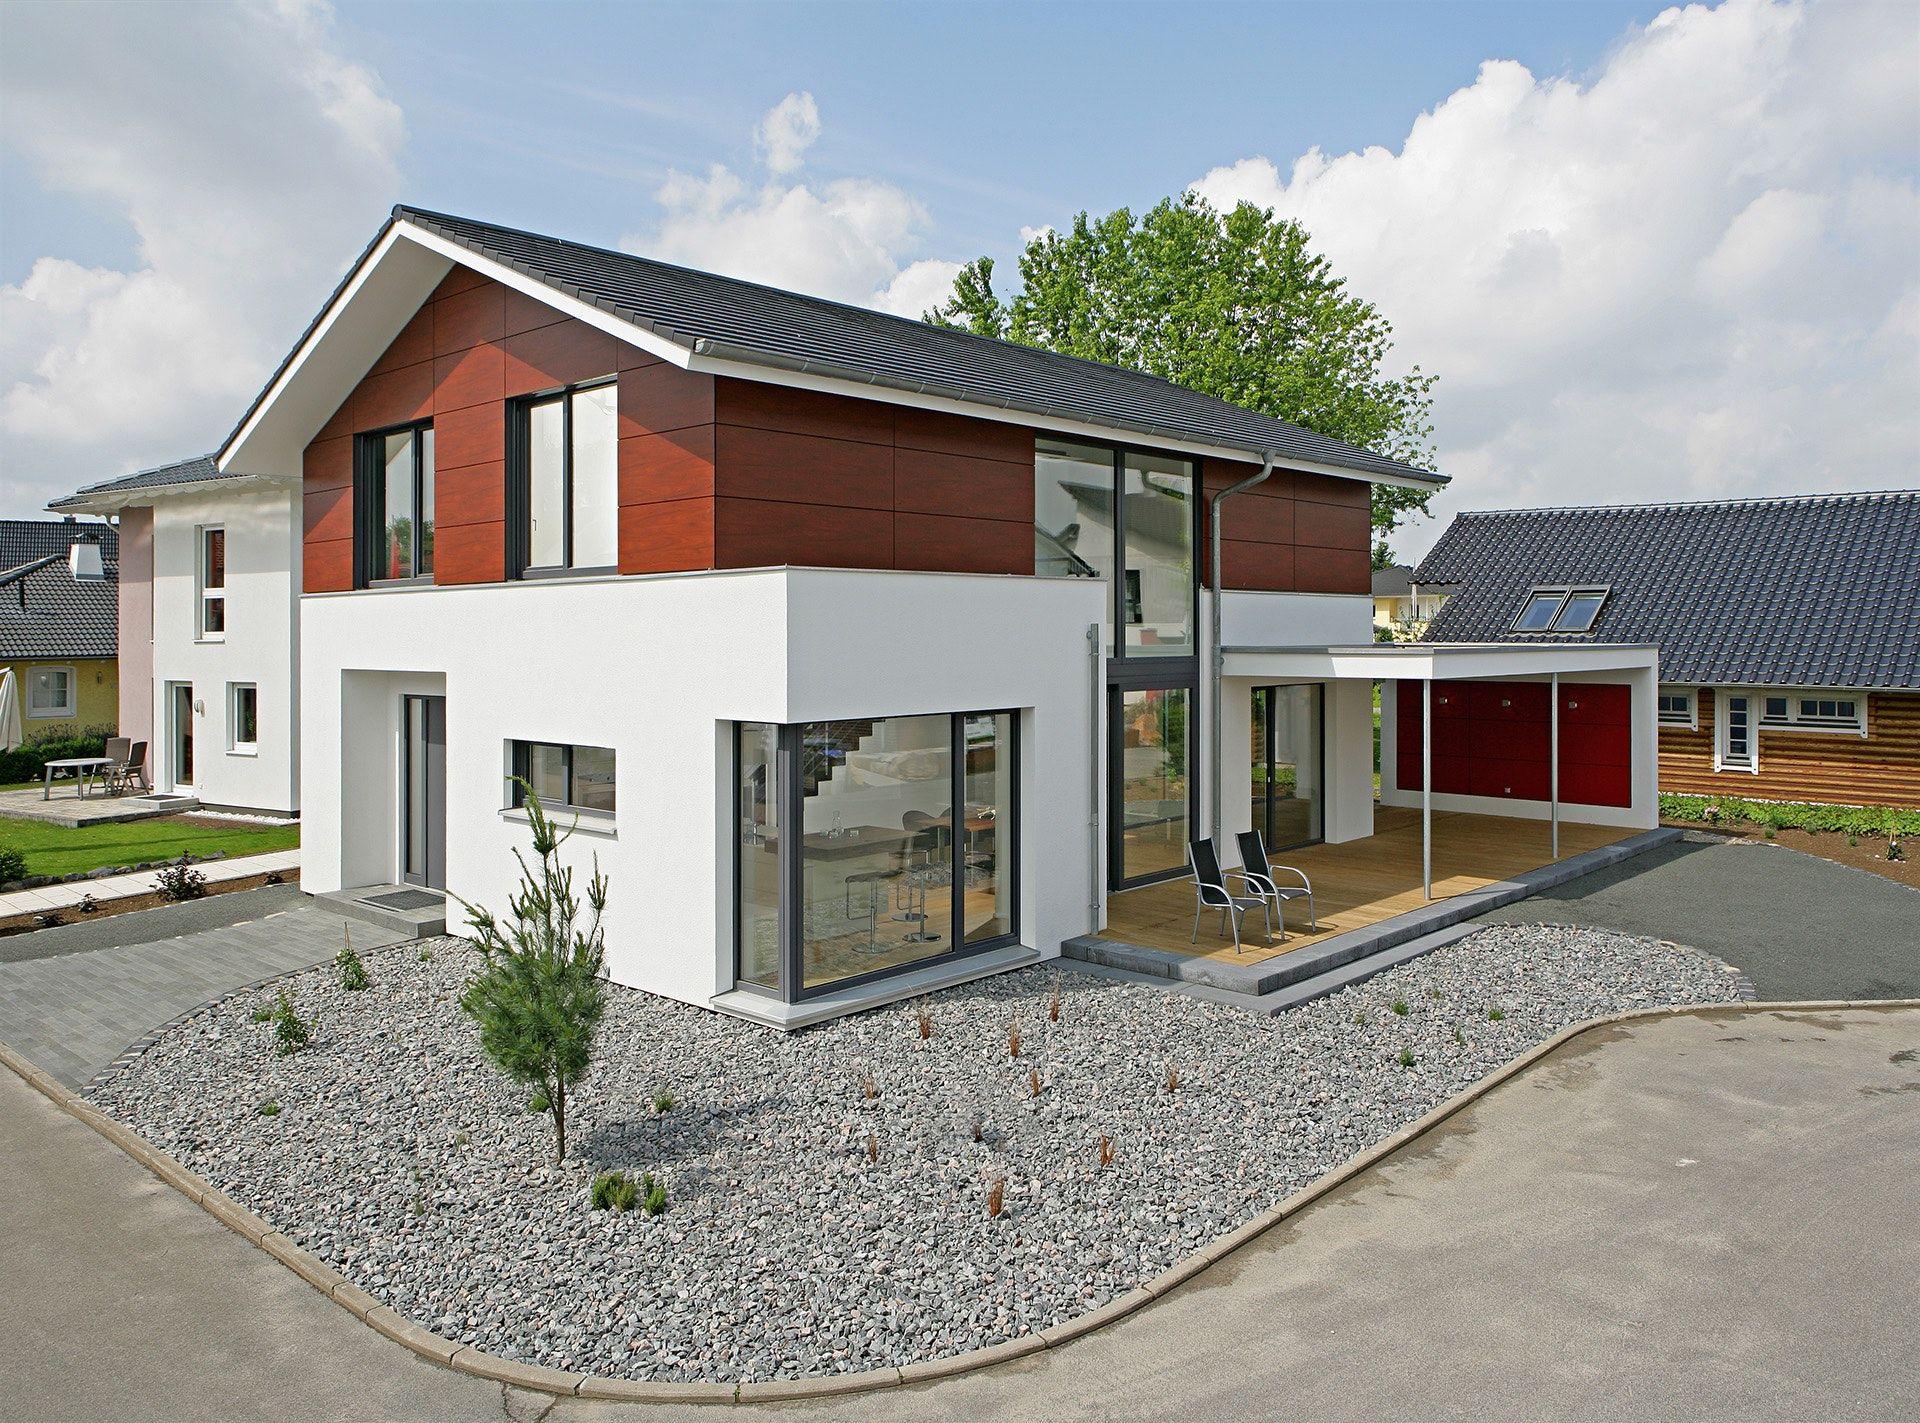 Einfamilienhaus Neubau Modern Satteldach Ideen Fur Jugendzimmer